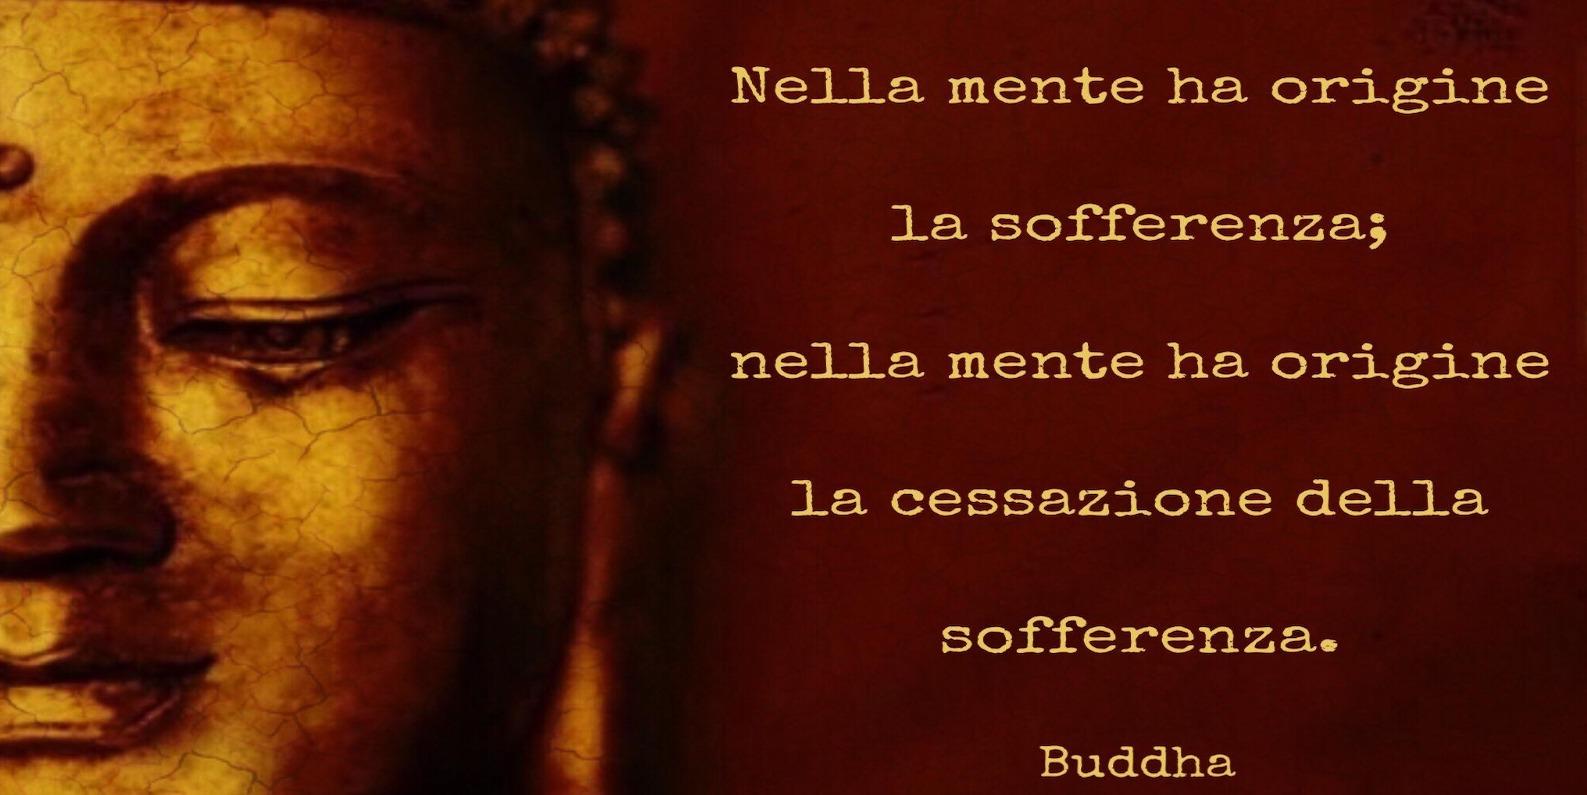 Racconto buddhista: il messaggio per chi ha troppa confusione nel cuore